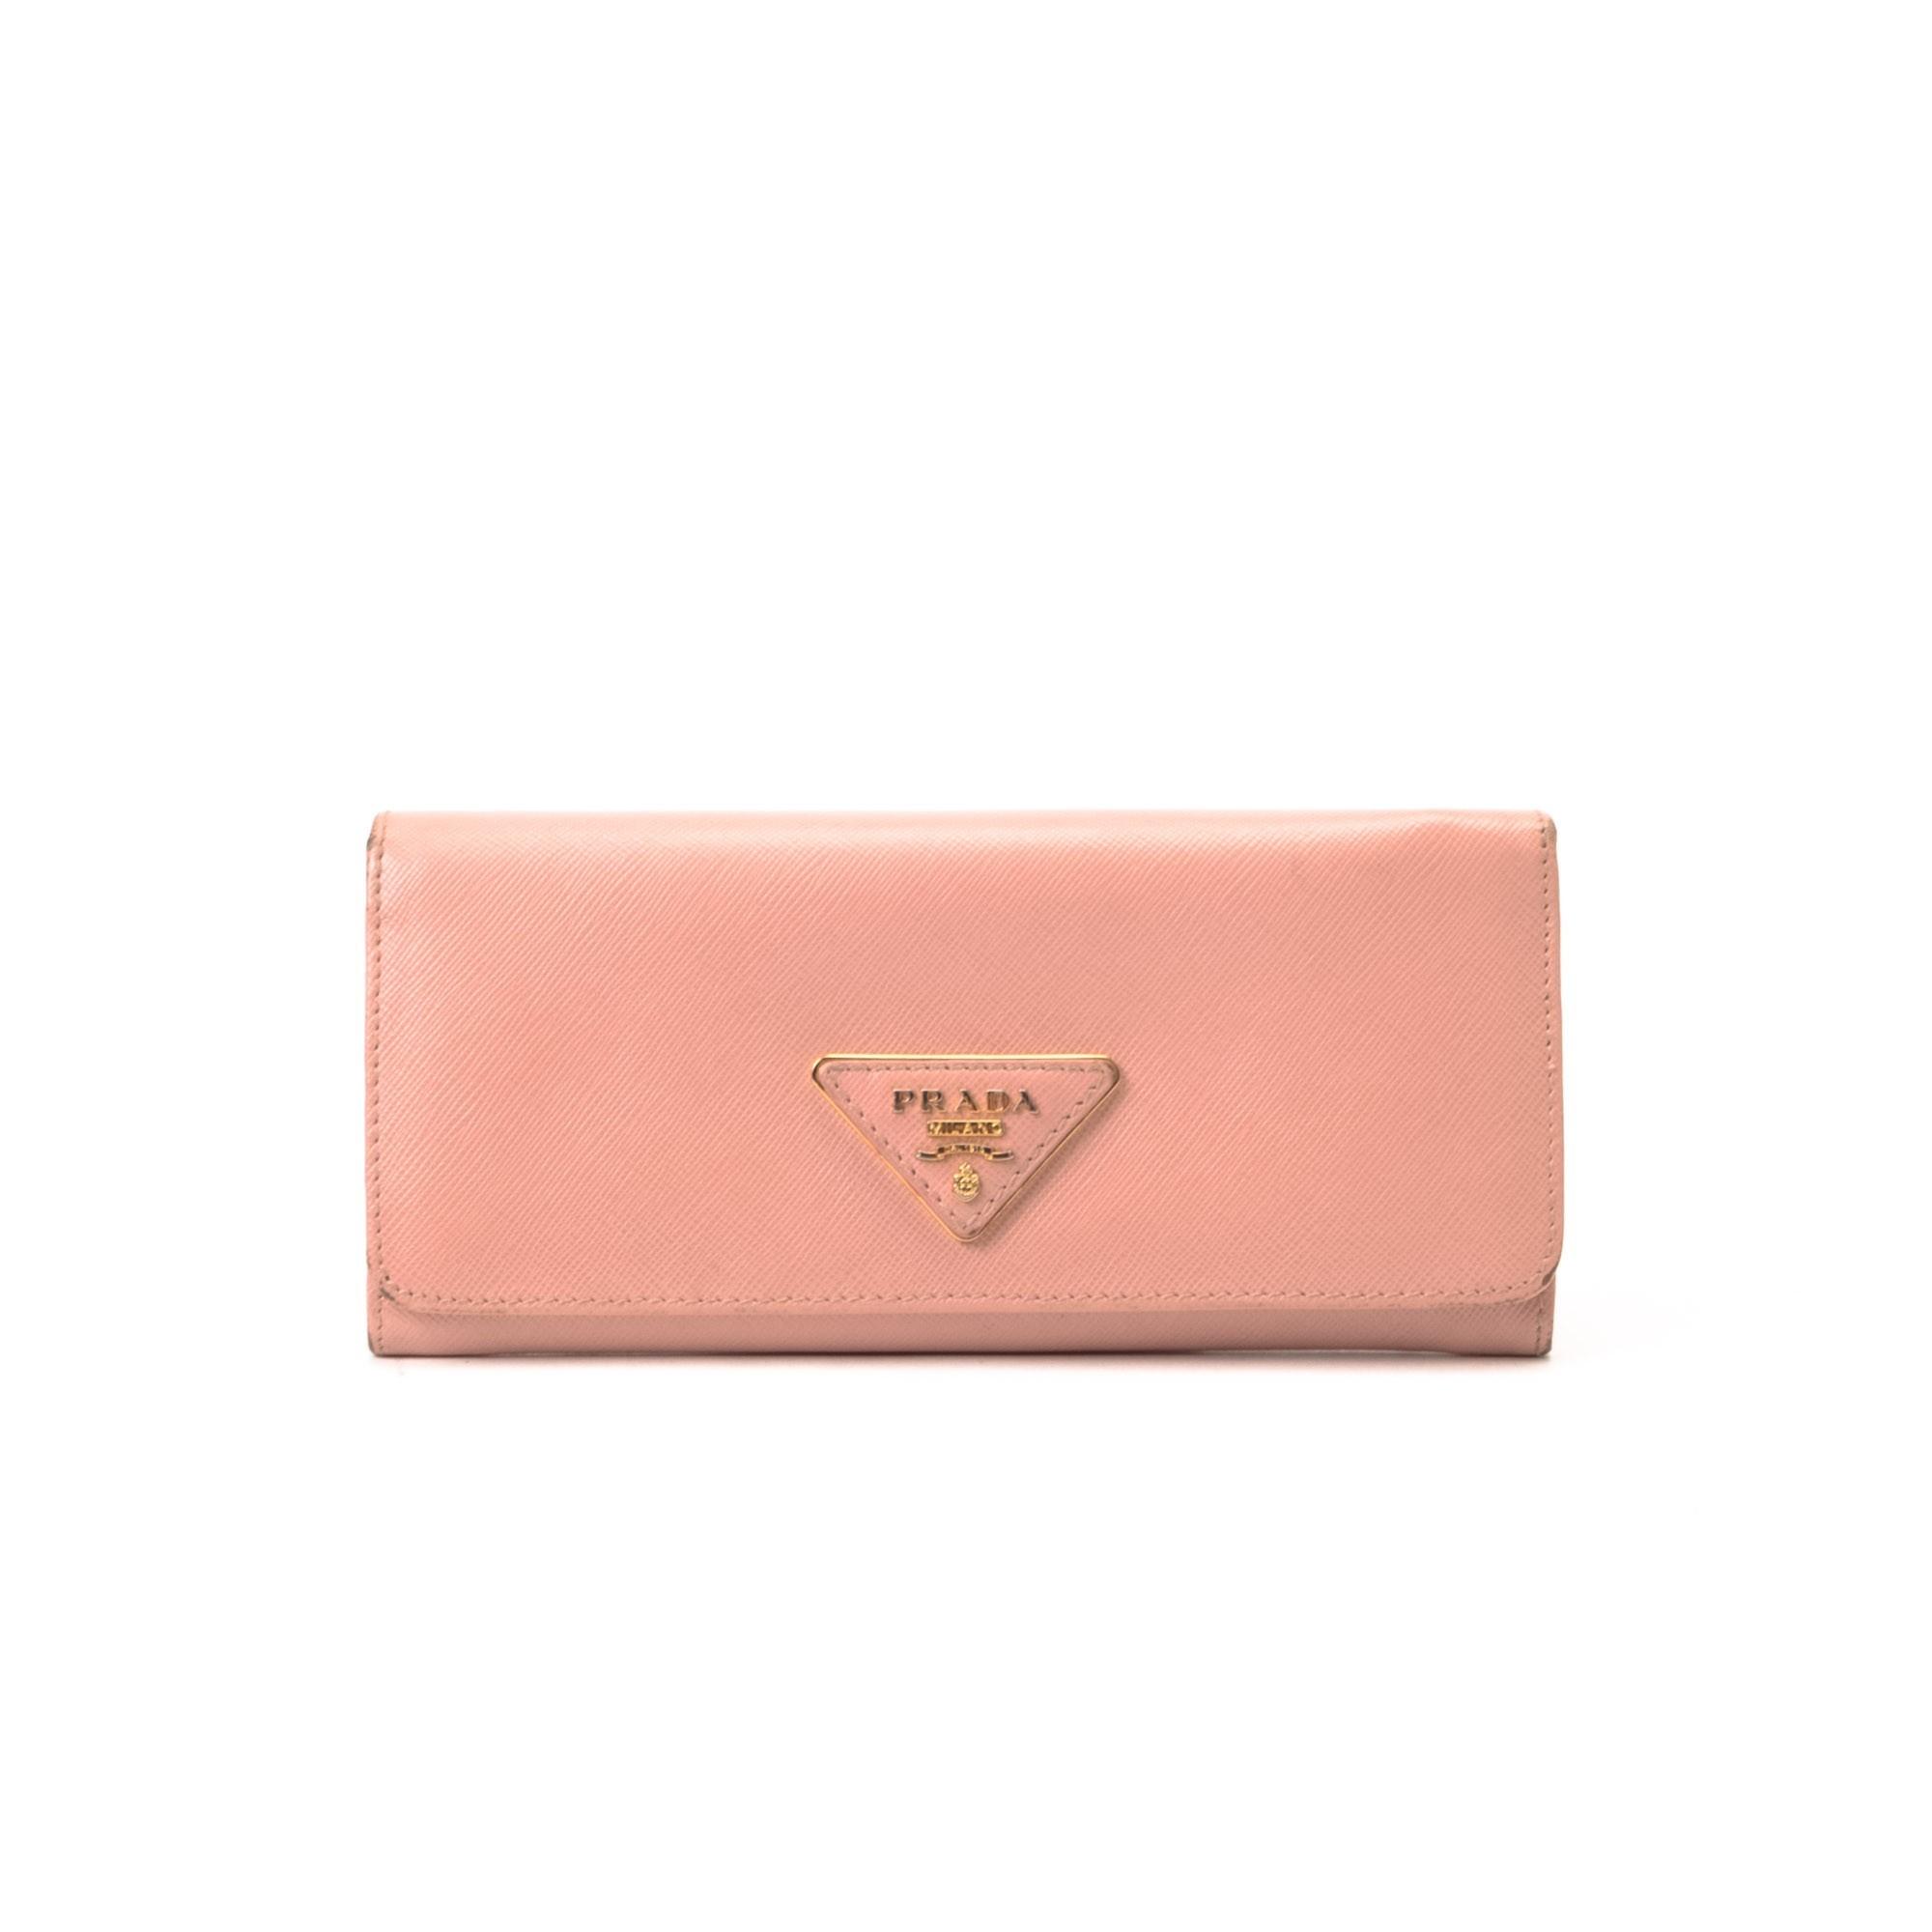 Prada Long Wallet Saffiano Pink Calf Wallet - LXR\u0026amp;CO Vintage Luxury